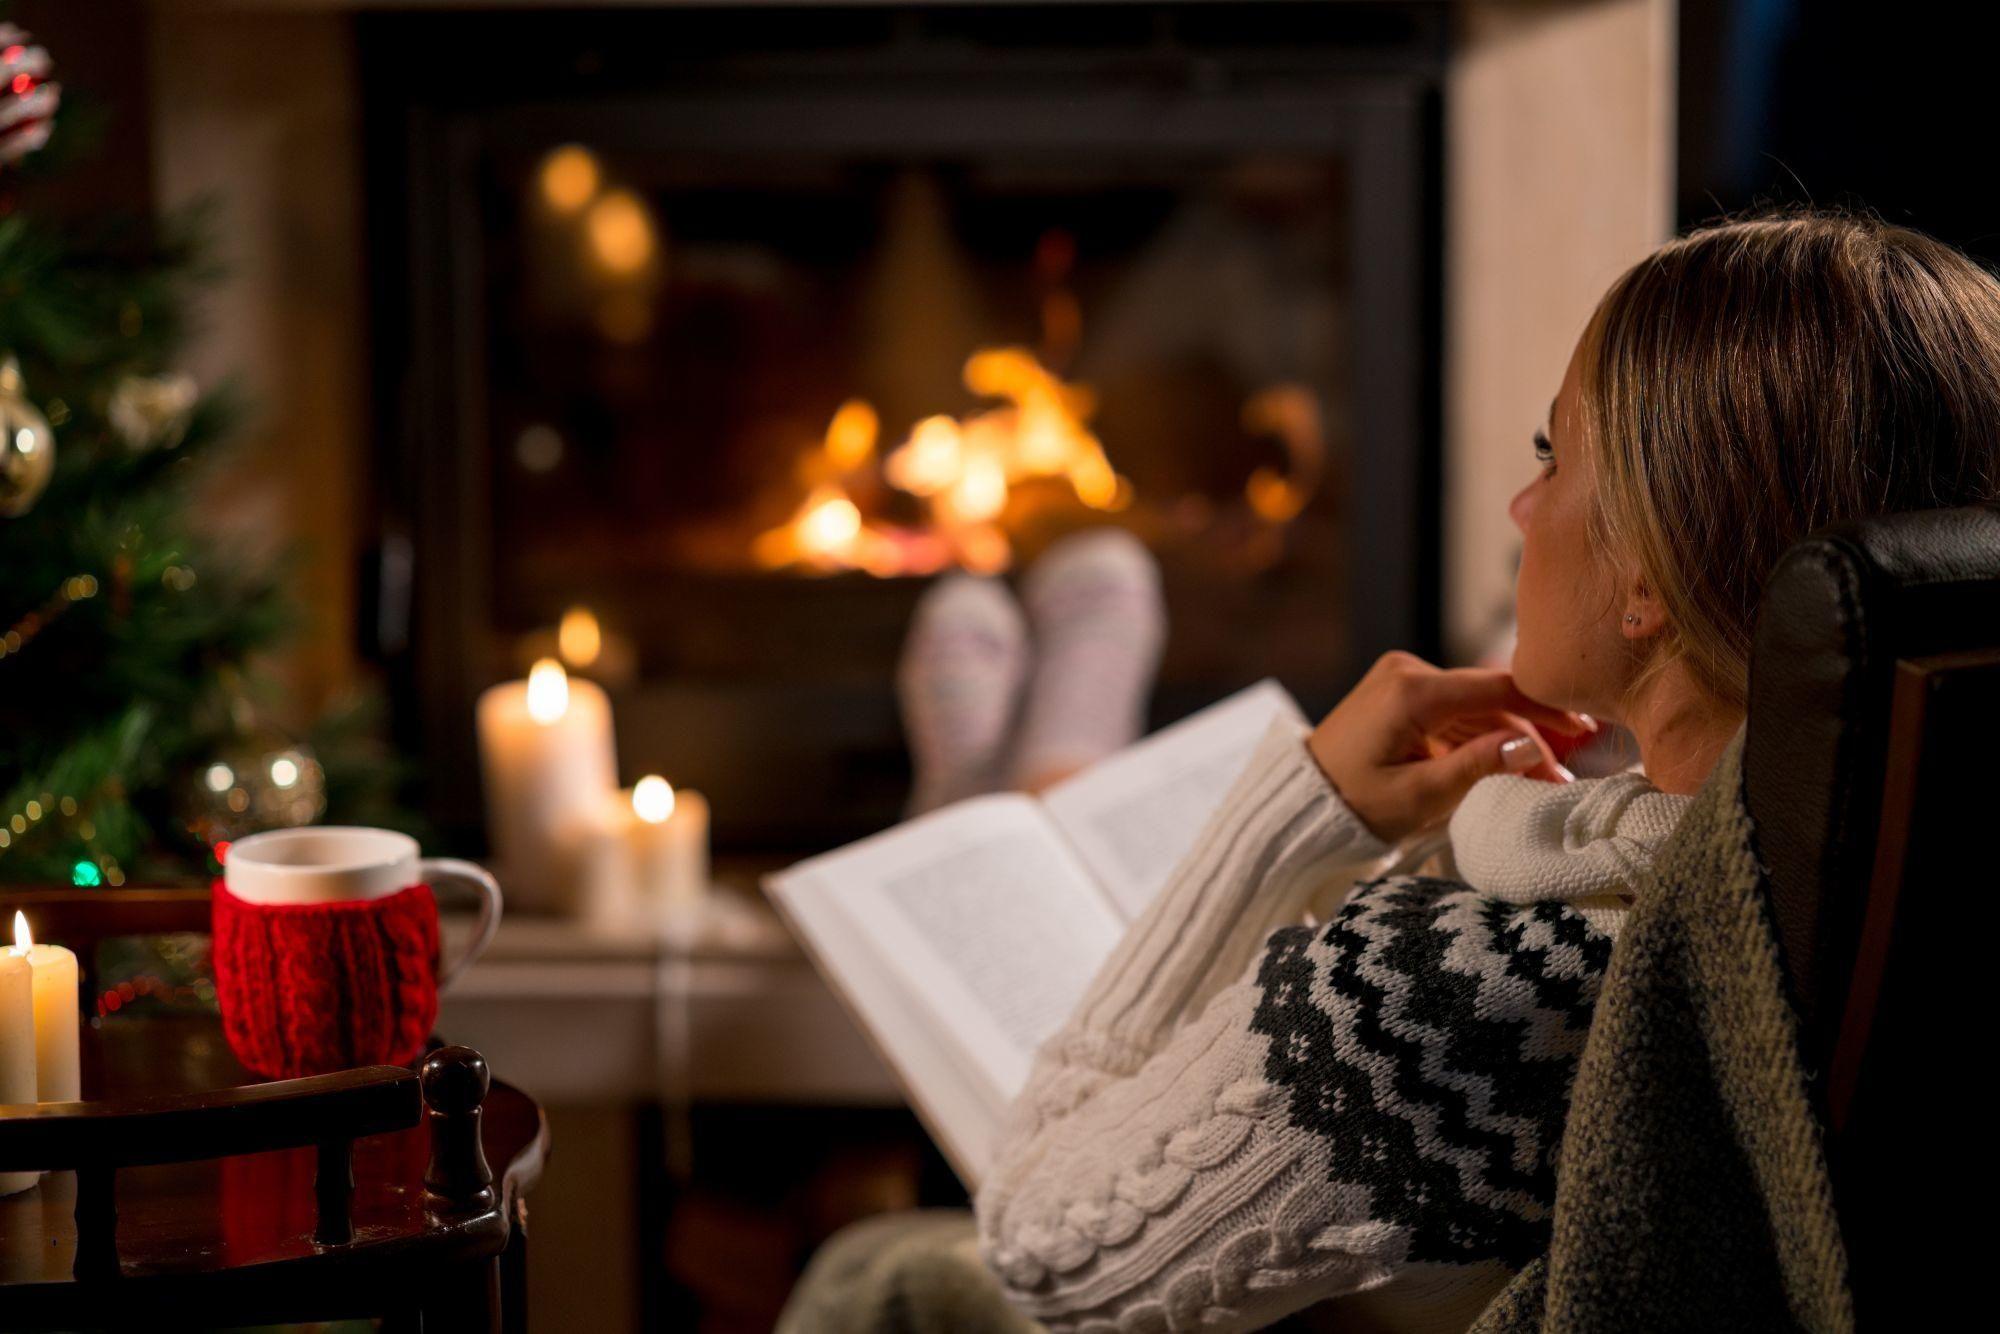 сообщений актриса теплый вечер фотосессии дизайн